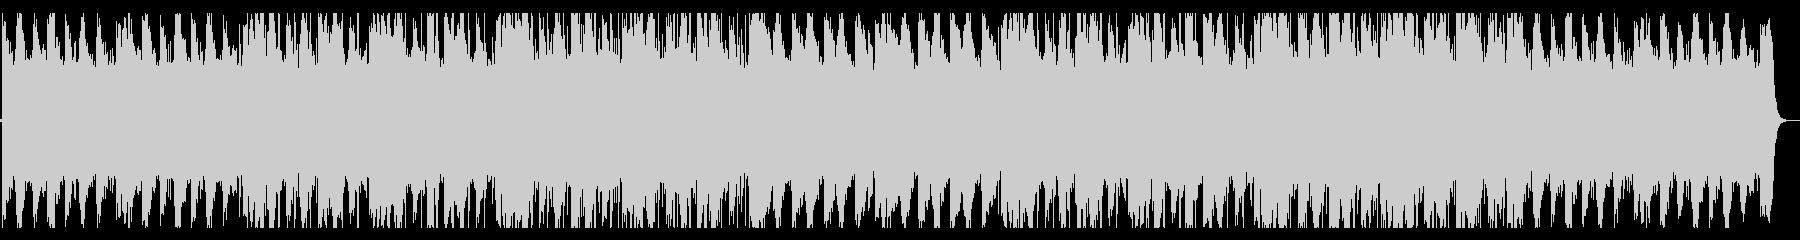 涼しげなHiphop_No383の未再生の波形